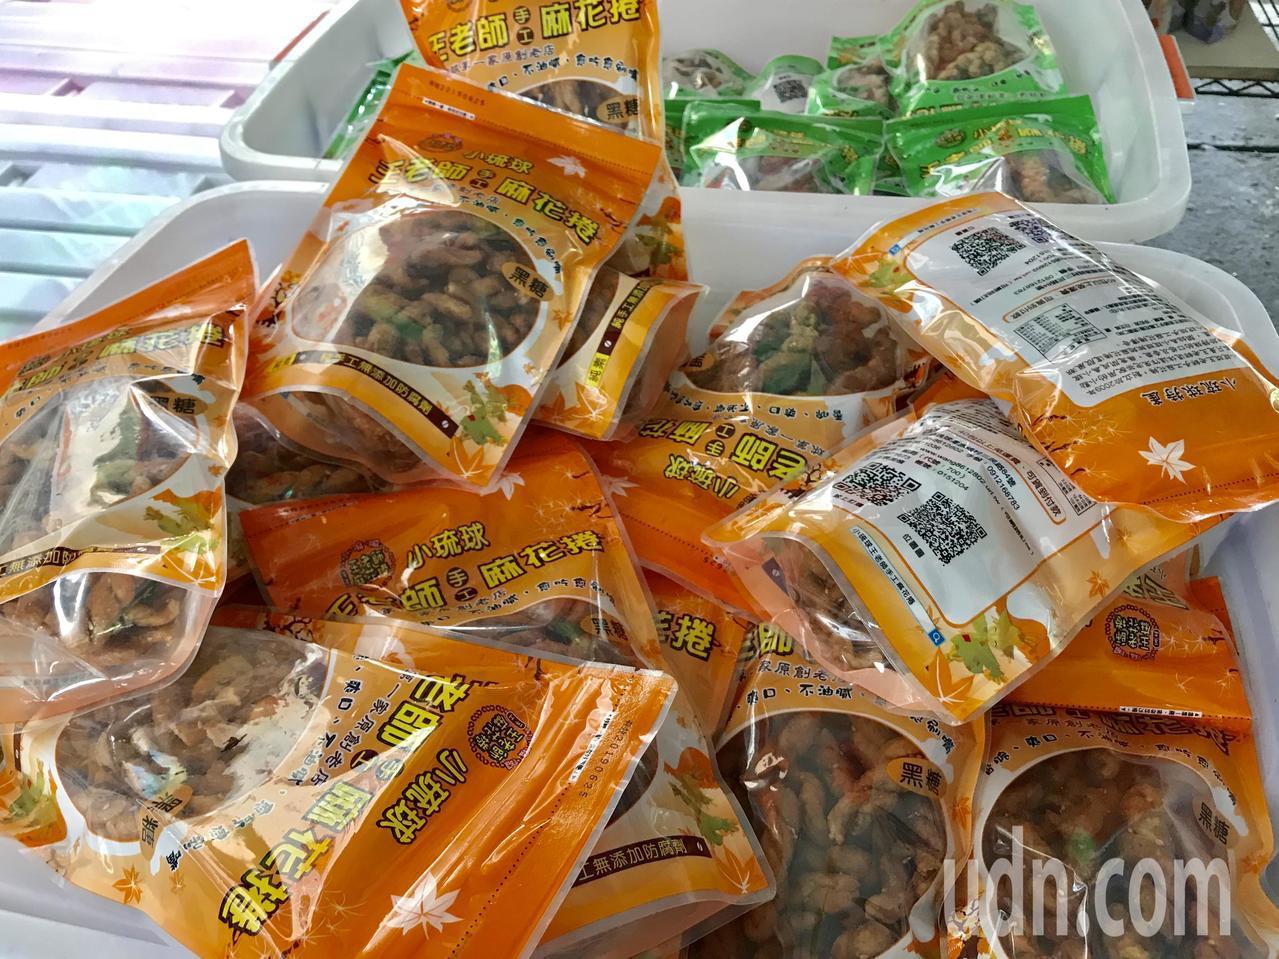 麵粉製的麻花捲會成為小琉球特產,源自一名退休教師,改良麻花捲當配茶點心,竟無意間...